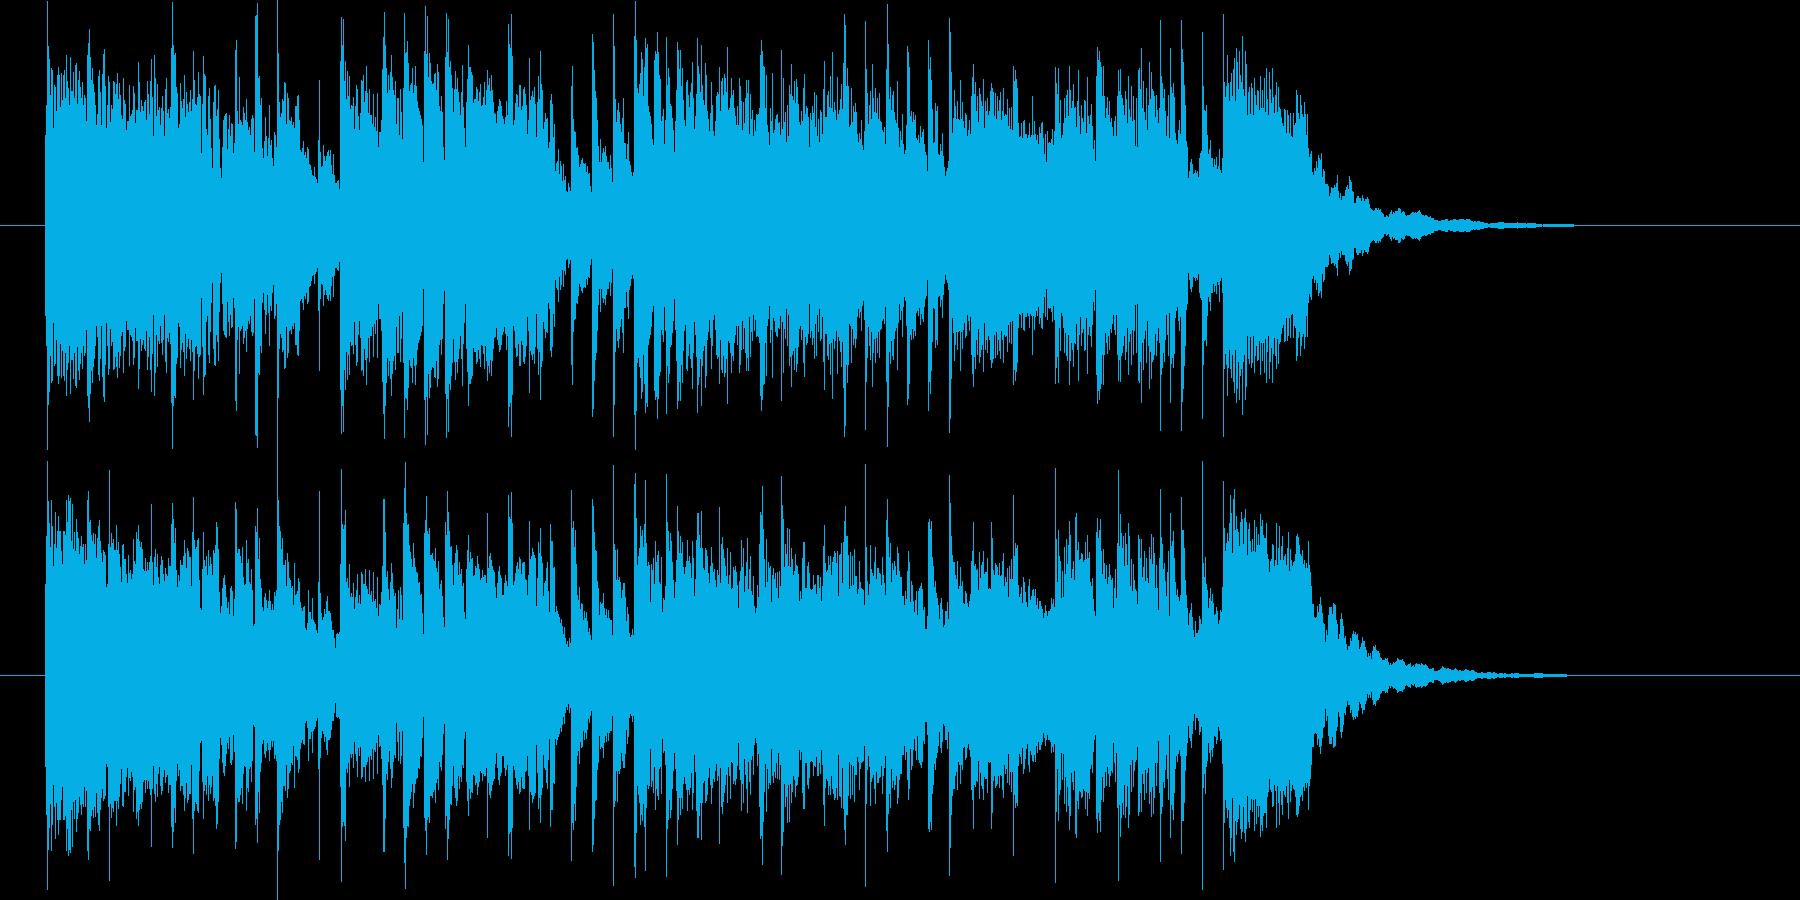 中国風のテクノポップの再生済みの波形